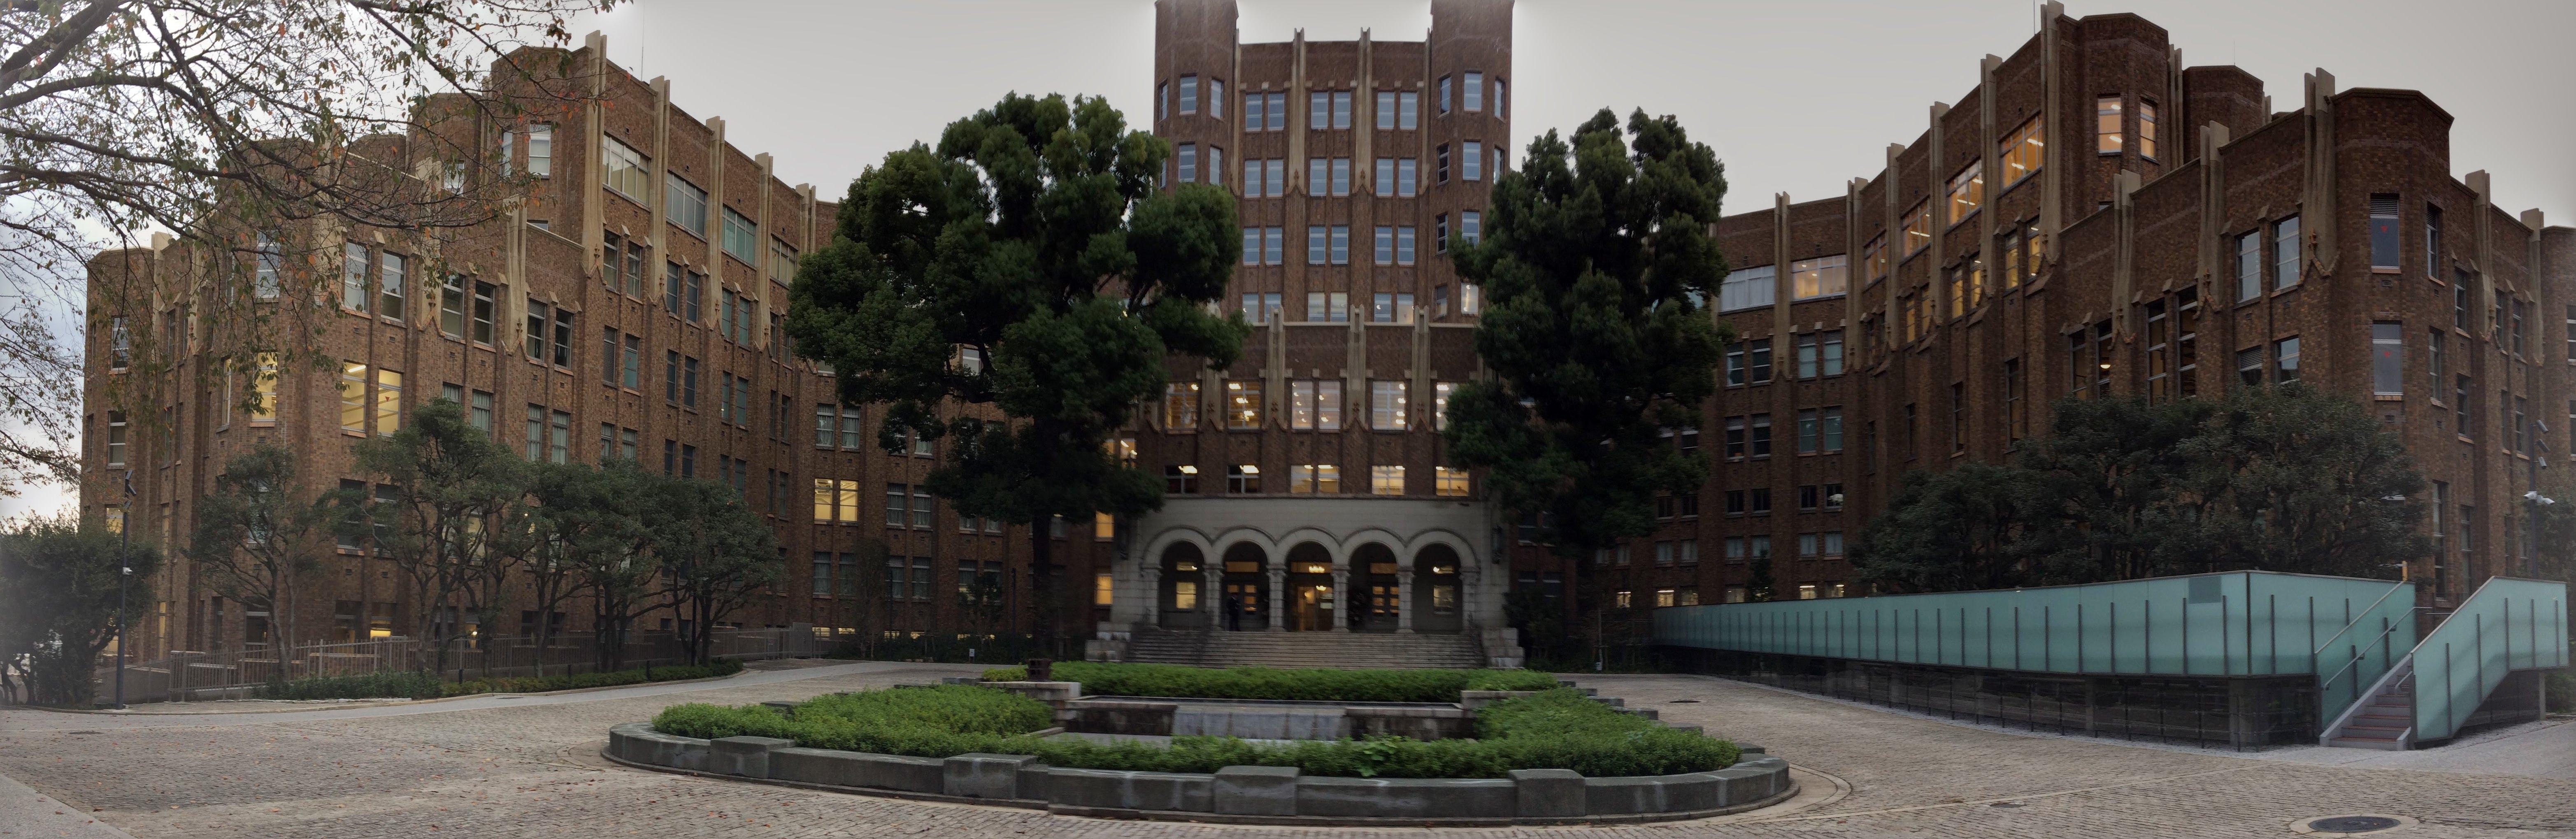 港区立図書館 郷土歴史館